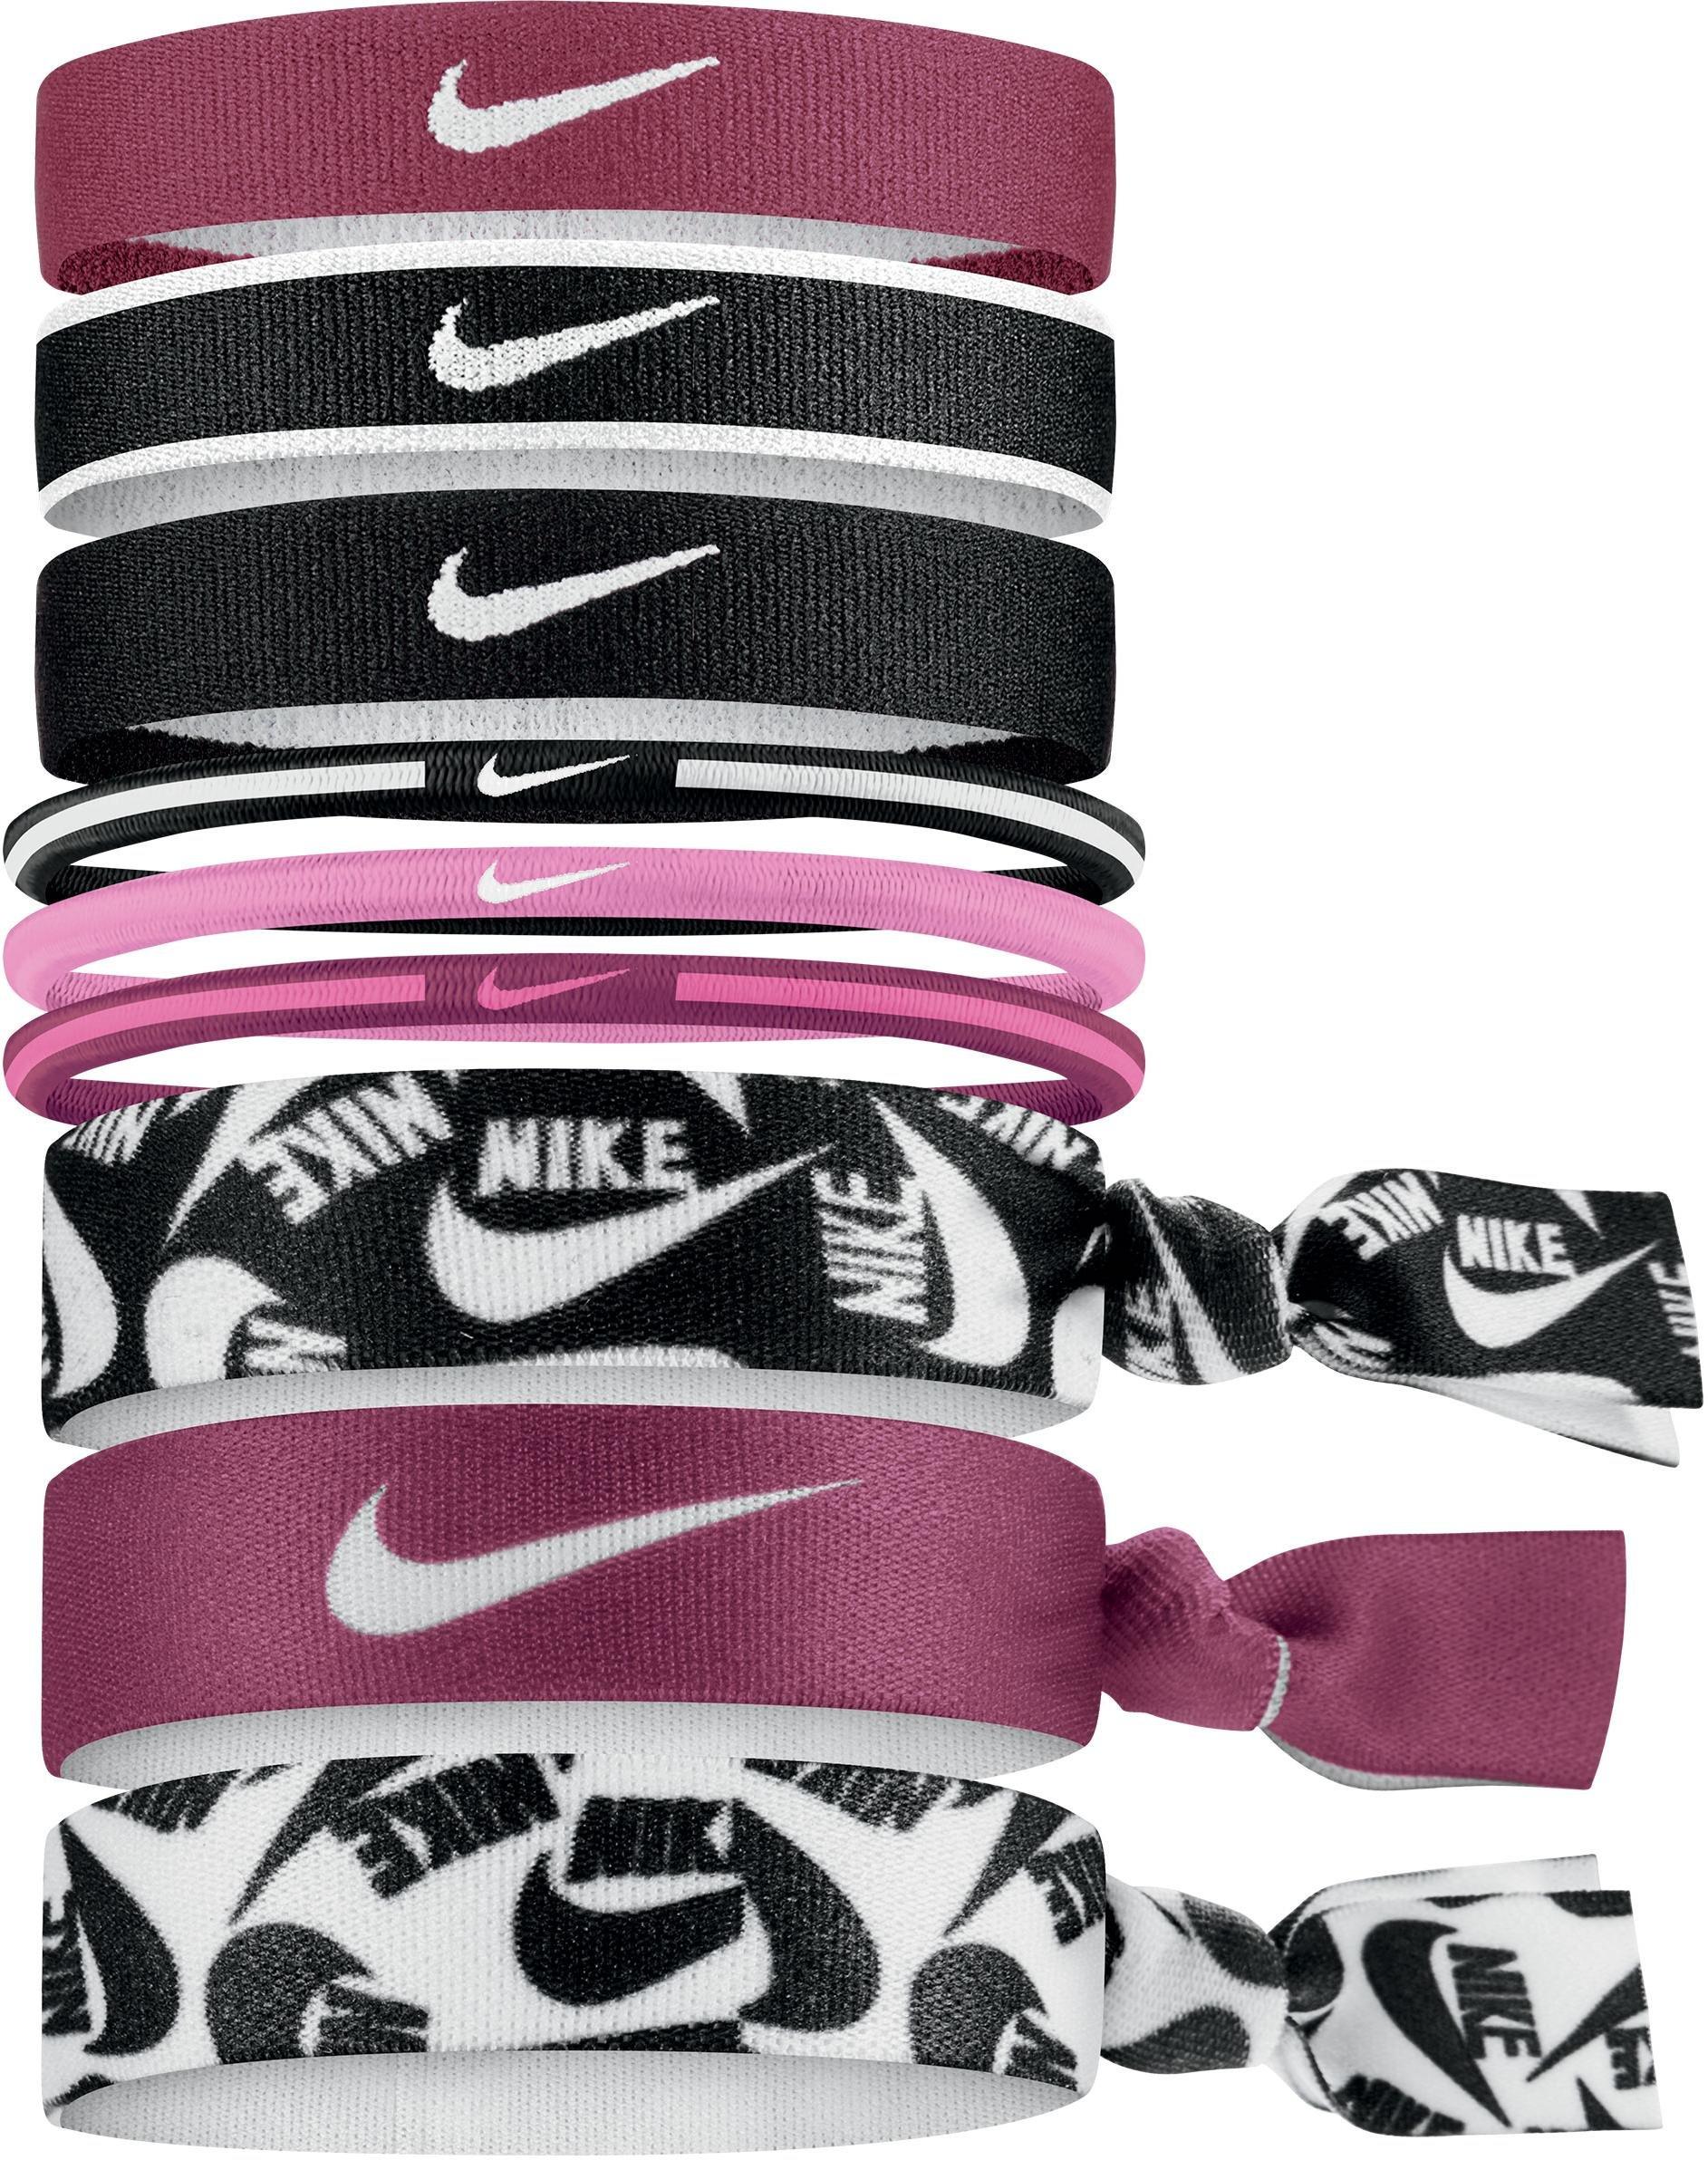 Balení gumiček do vlasů Nike Mixed Ponytail Holders (9 kusů)